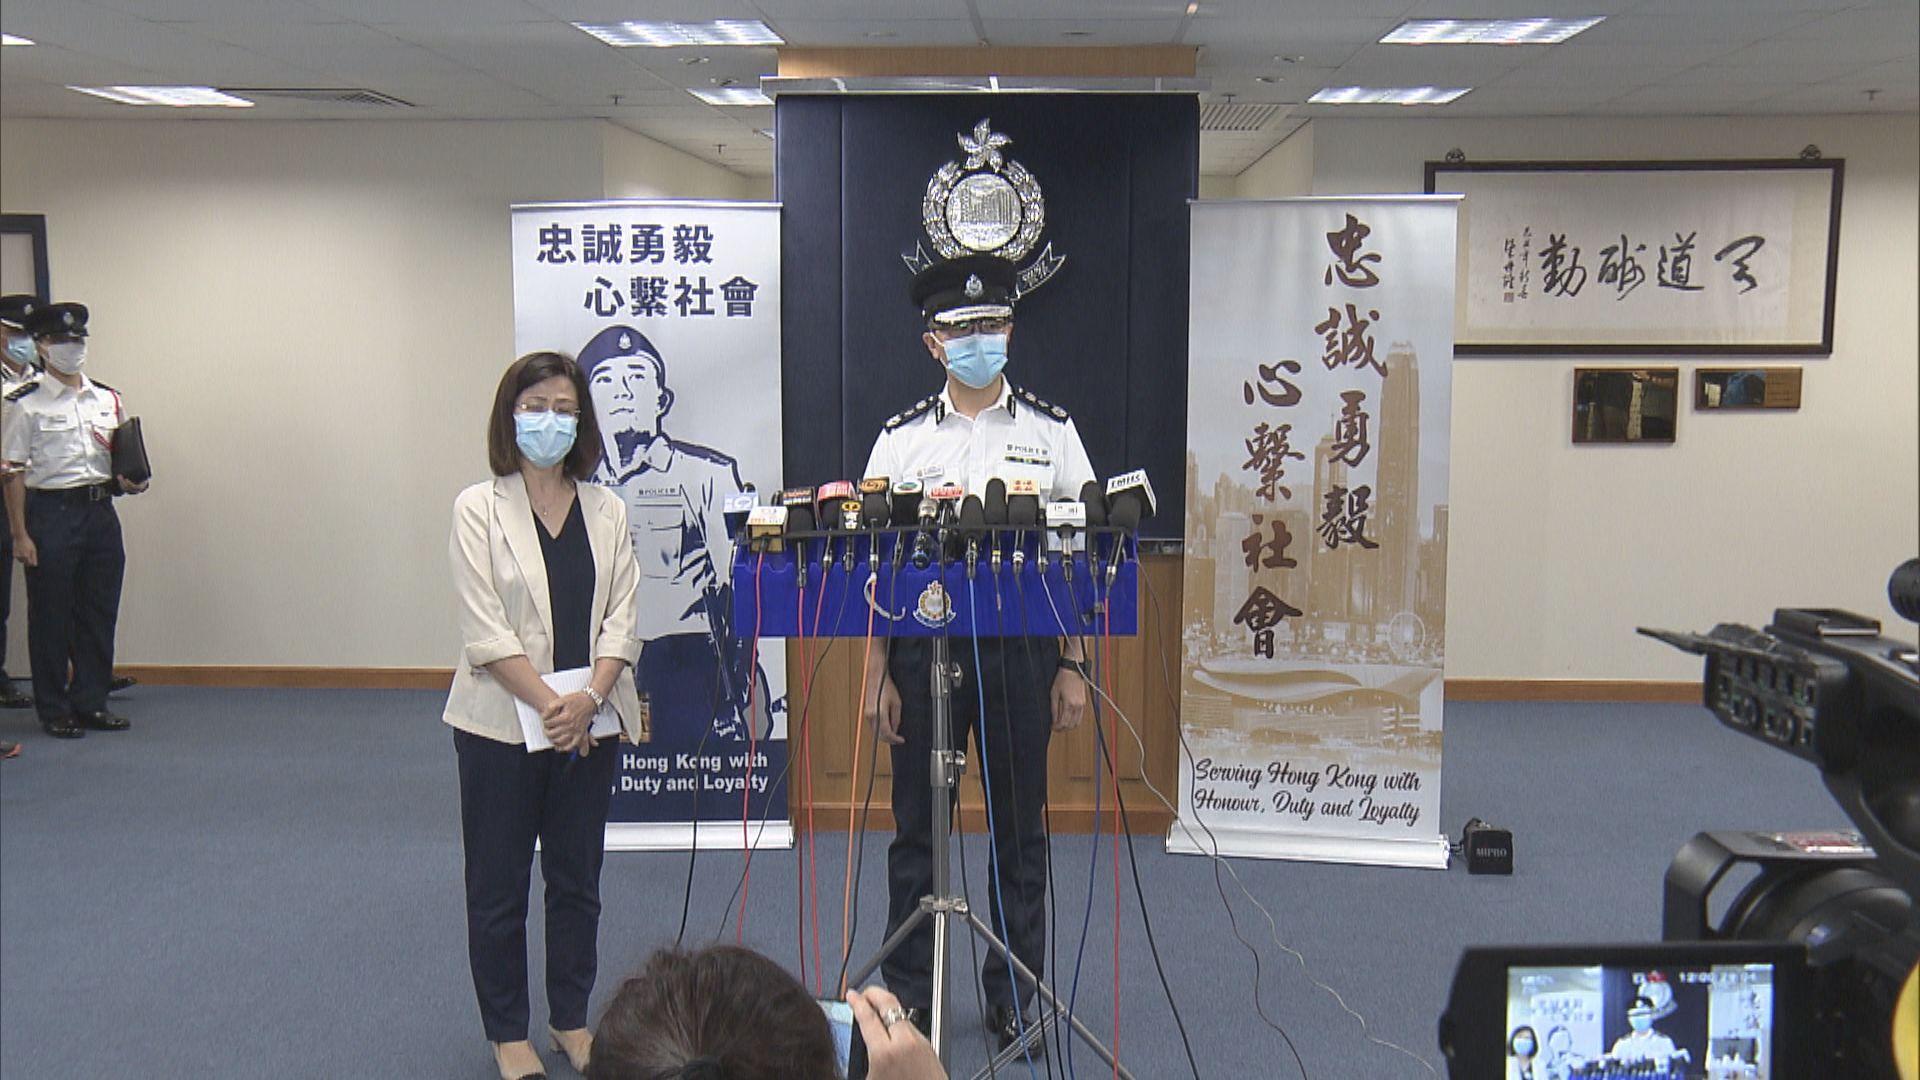 【回應721】蕭澤頤:警方行動與市民期望有落差 惟盼市民向前看